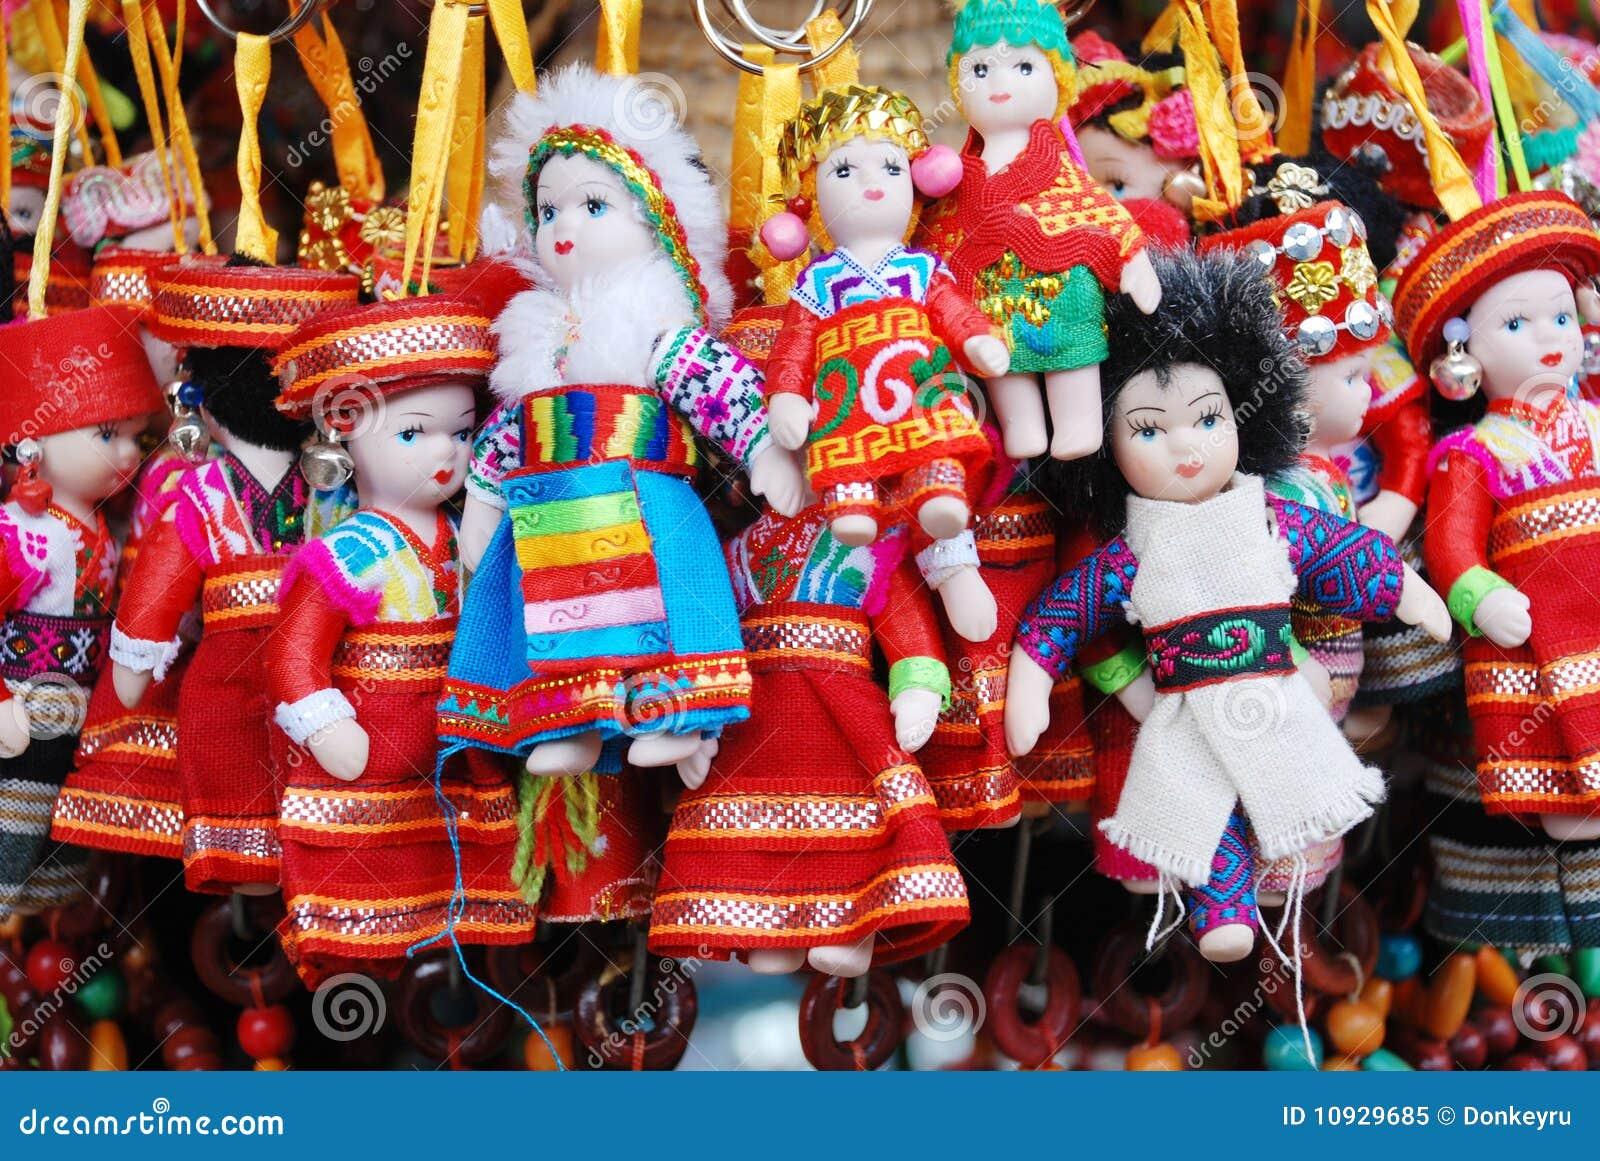 куклы тибетские